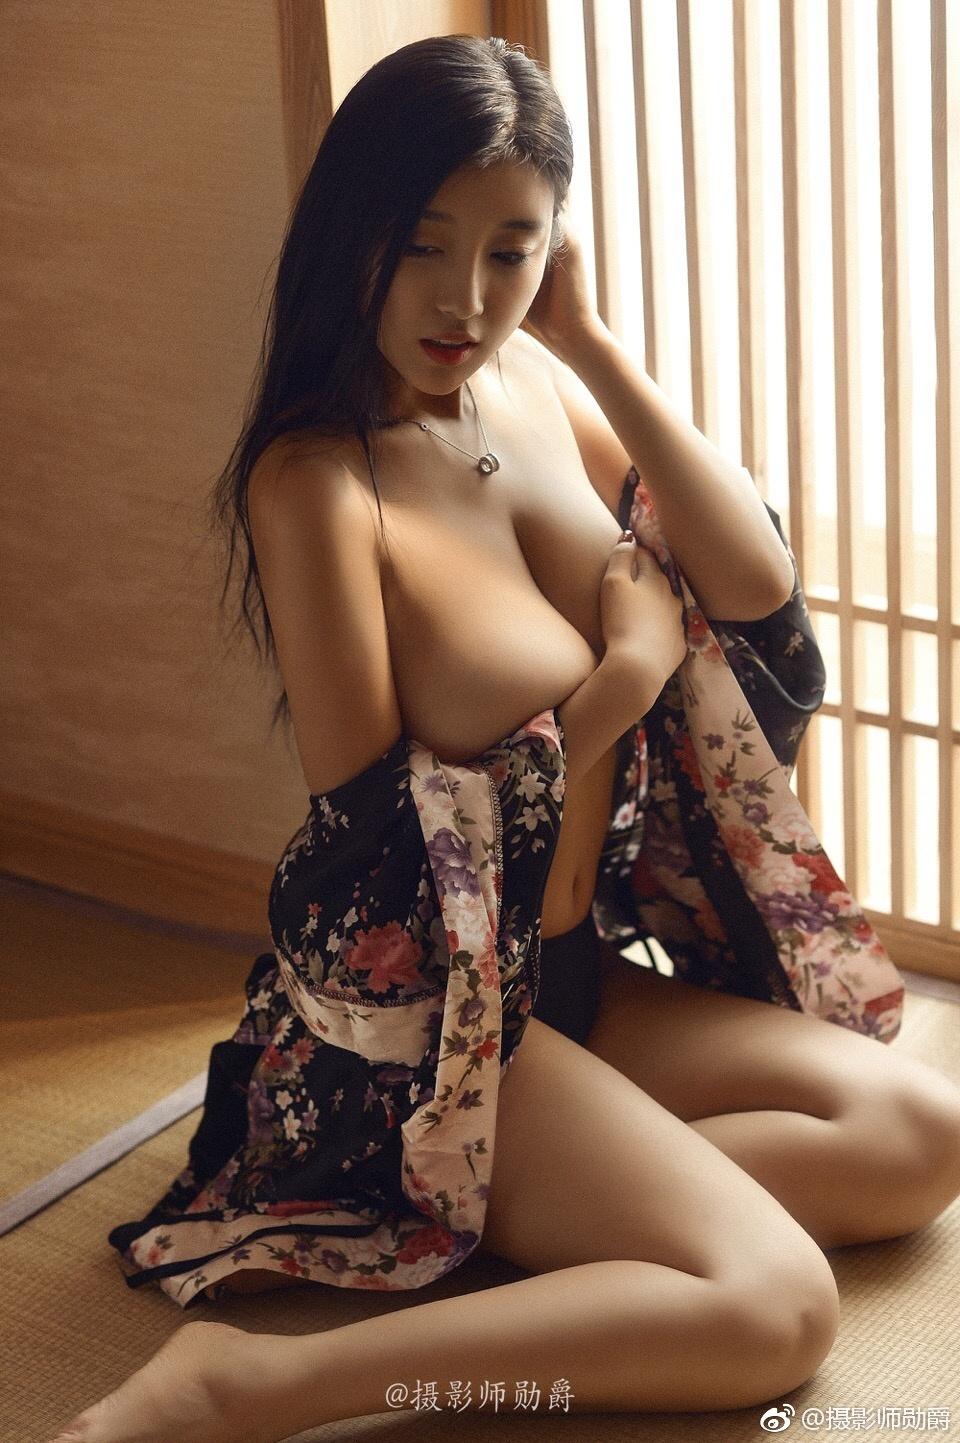 大尺度美女写真美图:拥有一对75F的胸是什么体验? 美女写真-第2张